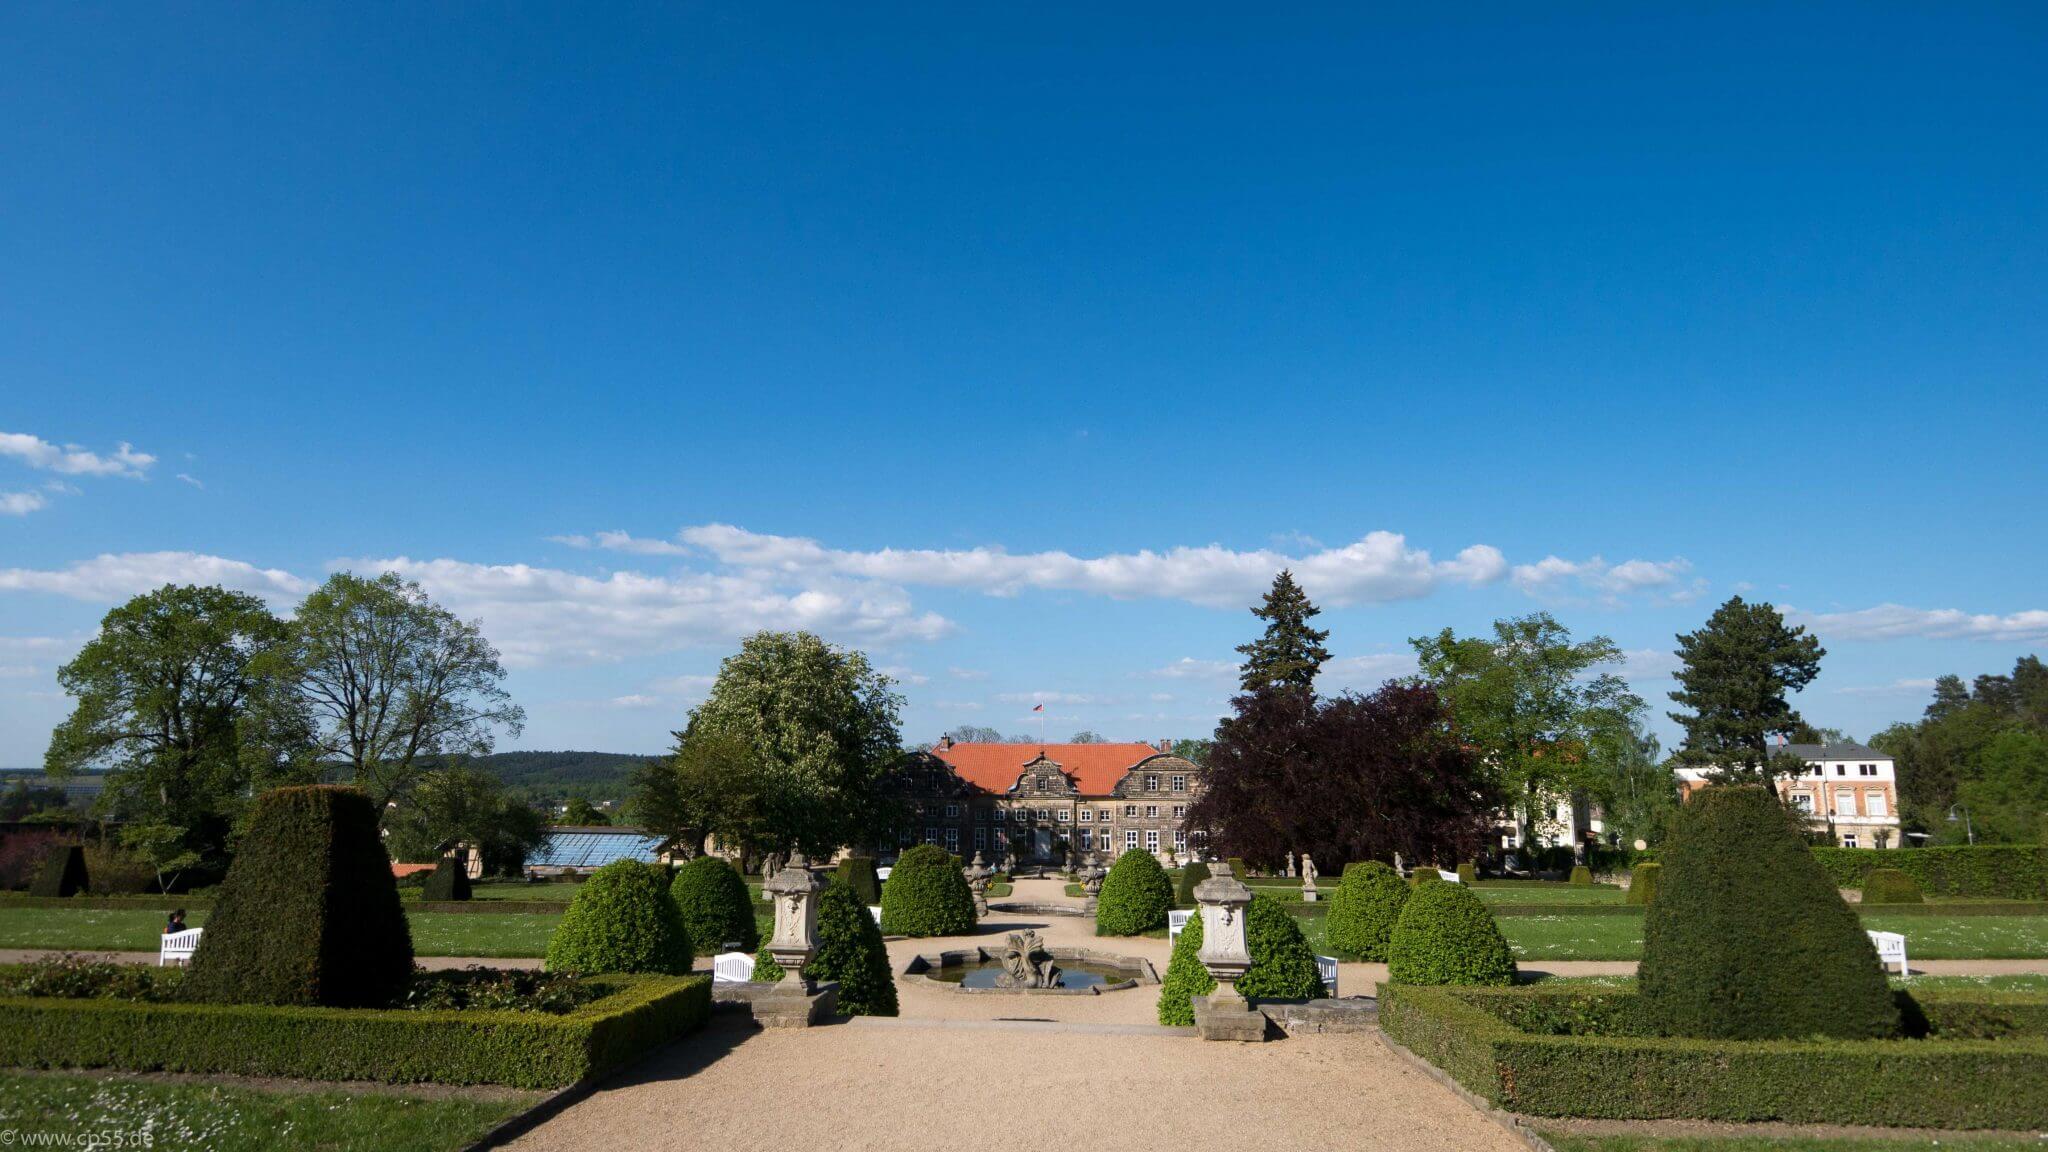 Blankenburg Schloss